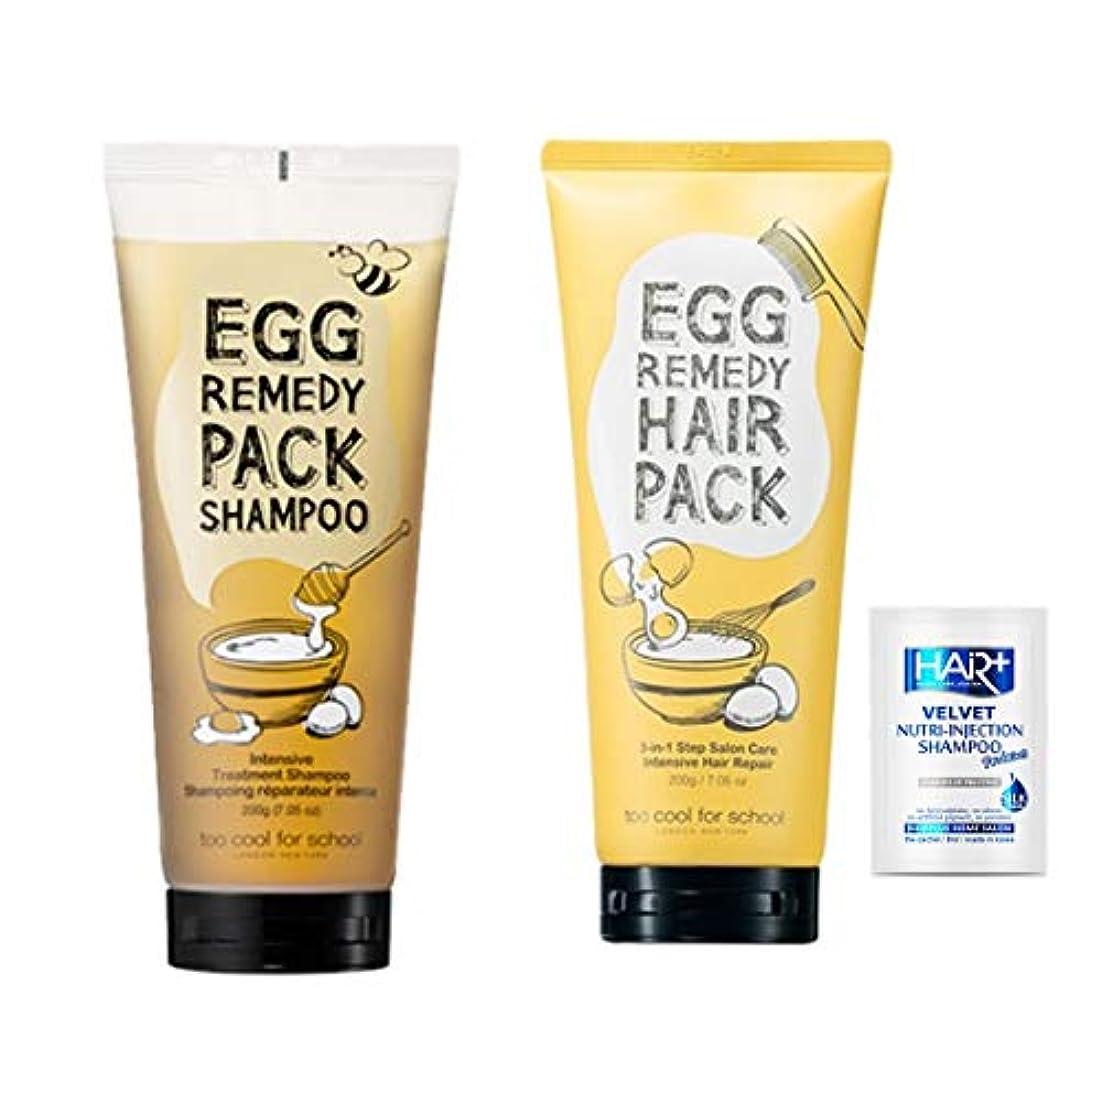 文多年生騒トゥークールフォ―スクール(too cool for school)/エッグレミディパックシャンプーtoo cool for school Egg Remedy Pack Shampoo 200ml + エッグレミディヘアパック/too cool for school Egg Remedy Hair Pack 200ML [並行輸入品]+non silicon shampoo 8ml